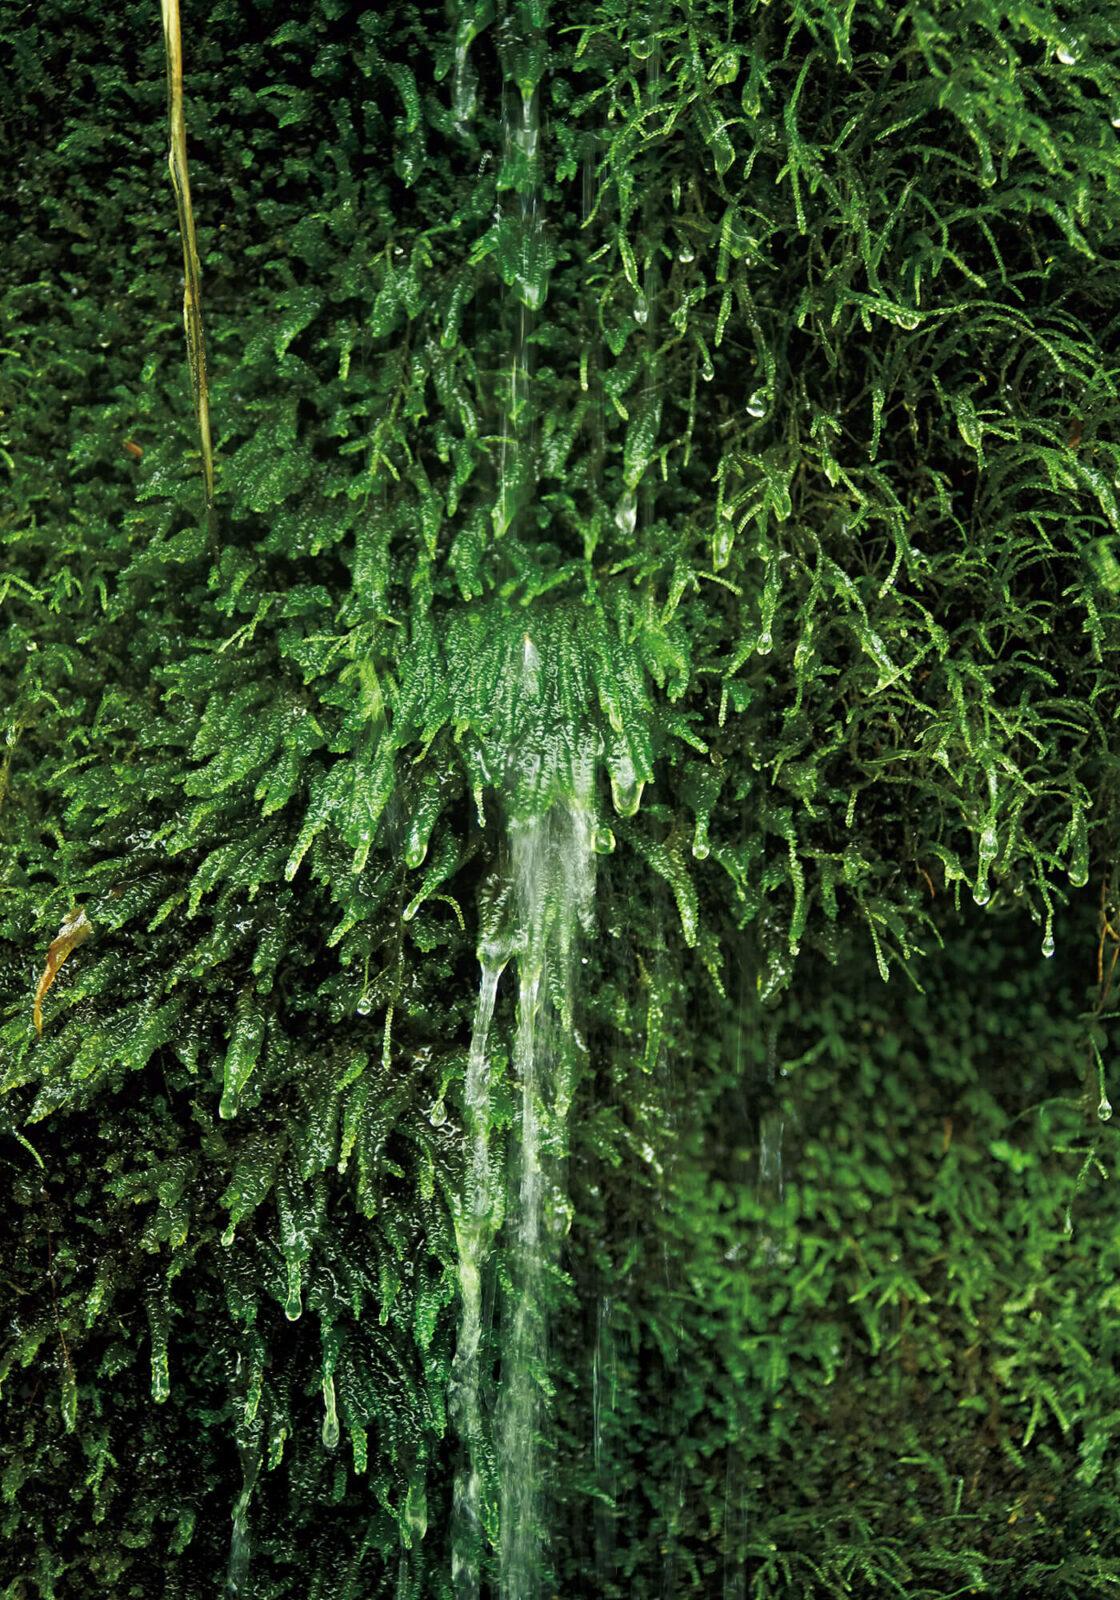 びっしりとタニゴケに覆われた岩の隙間からは、湧き水が滝のように流れ落ちる。細い毛のように見える苔もルーペで観察してみると驚くほど精密な構造をしていることがわかる。